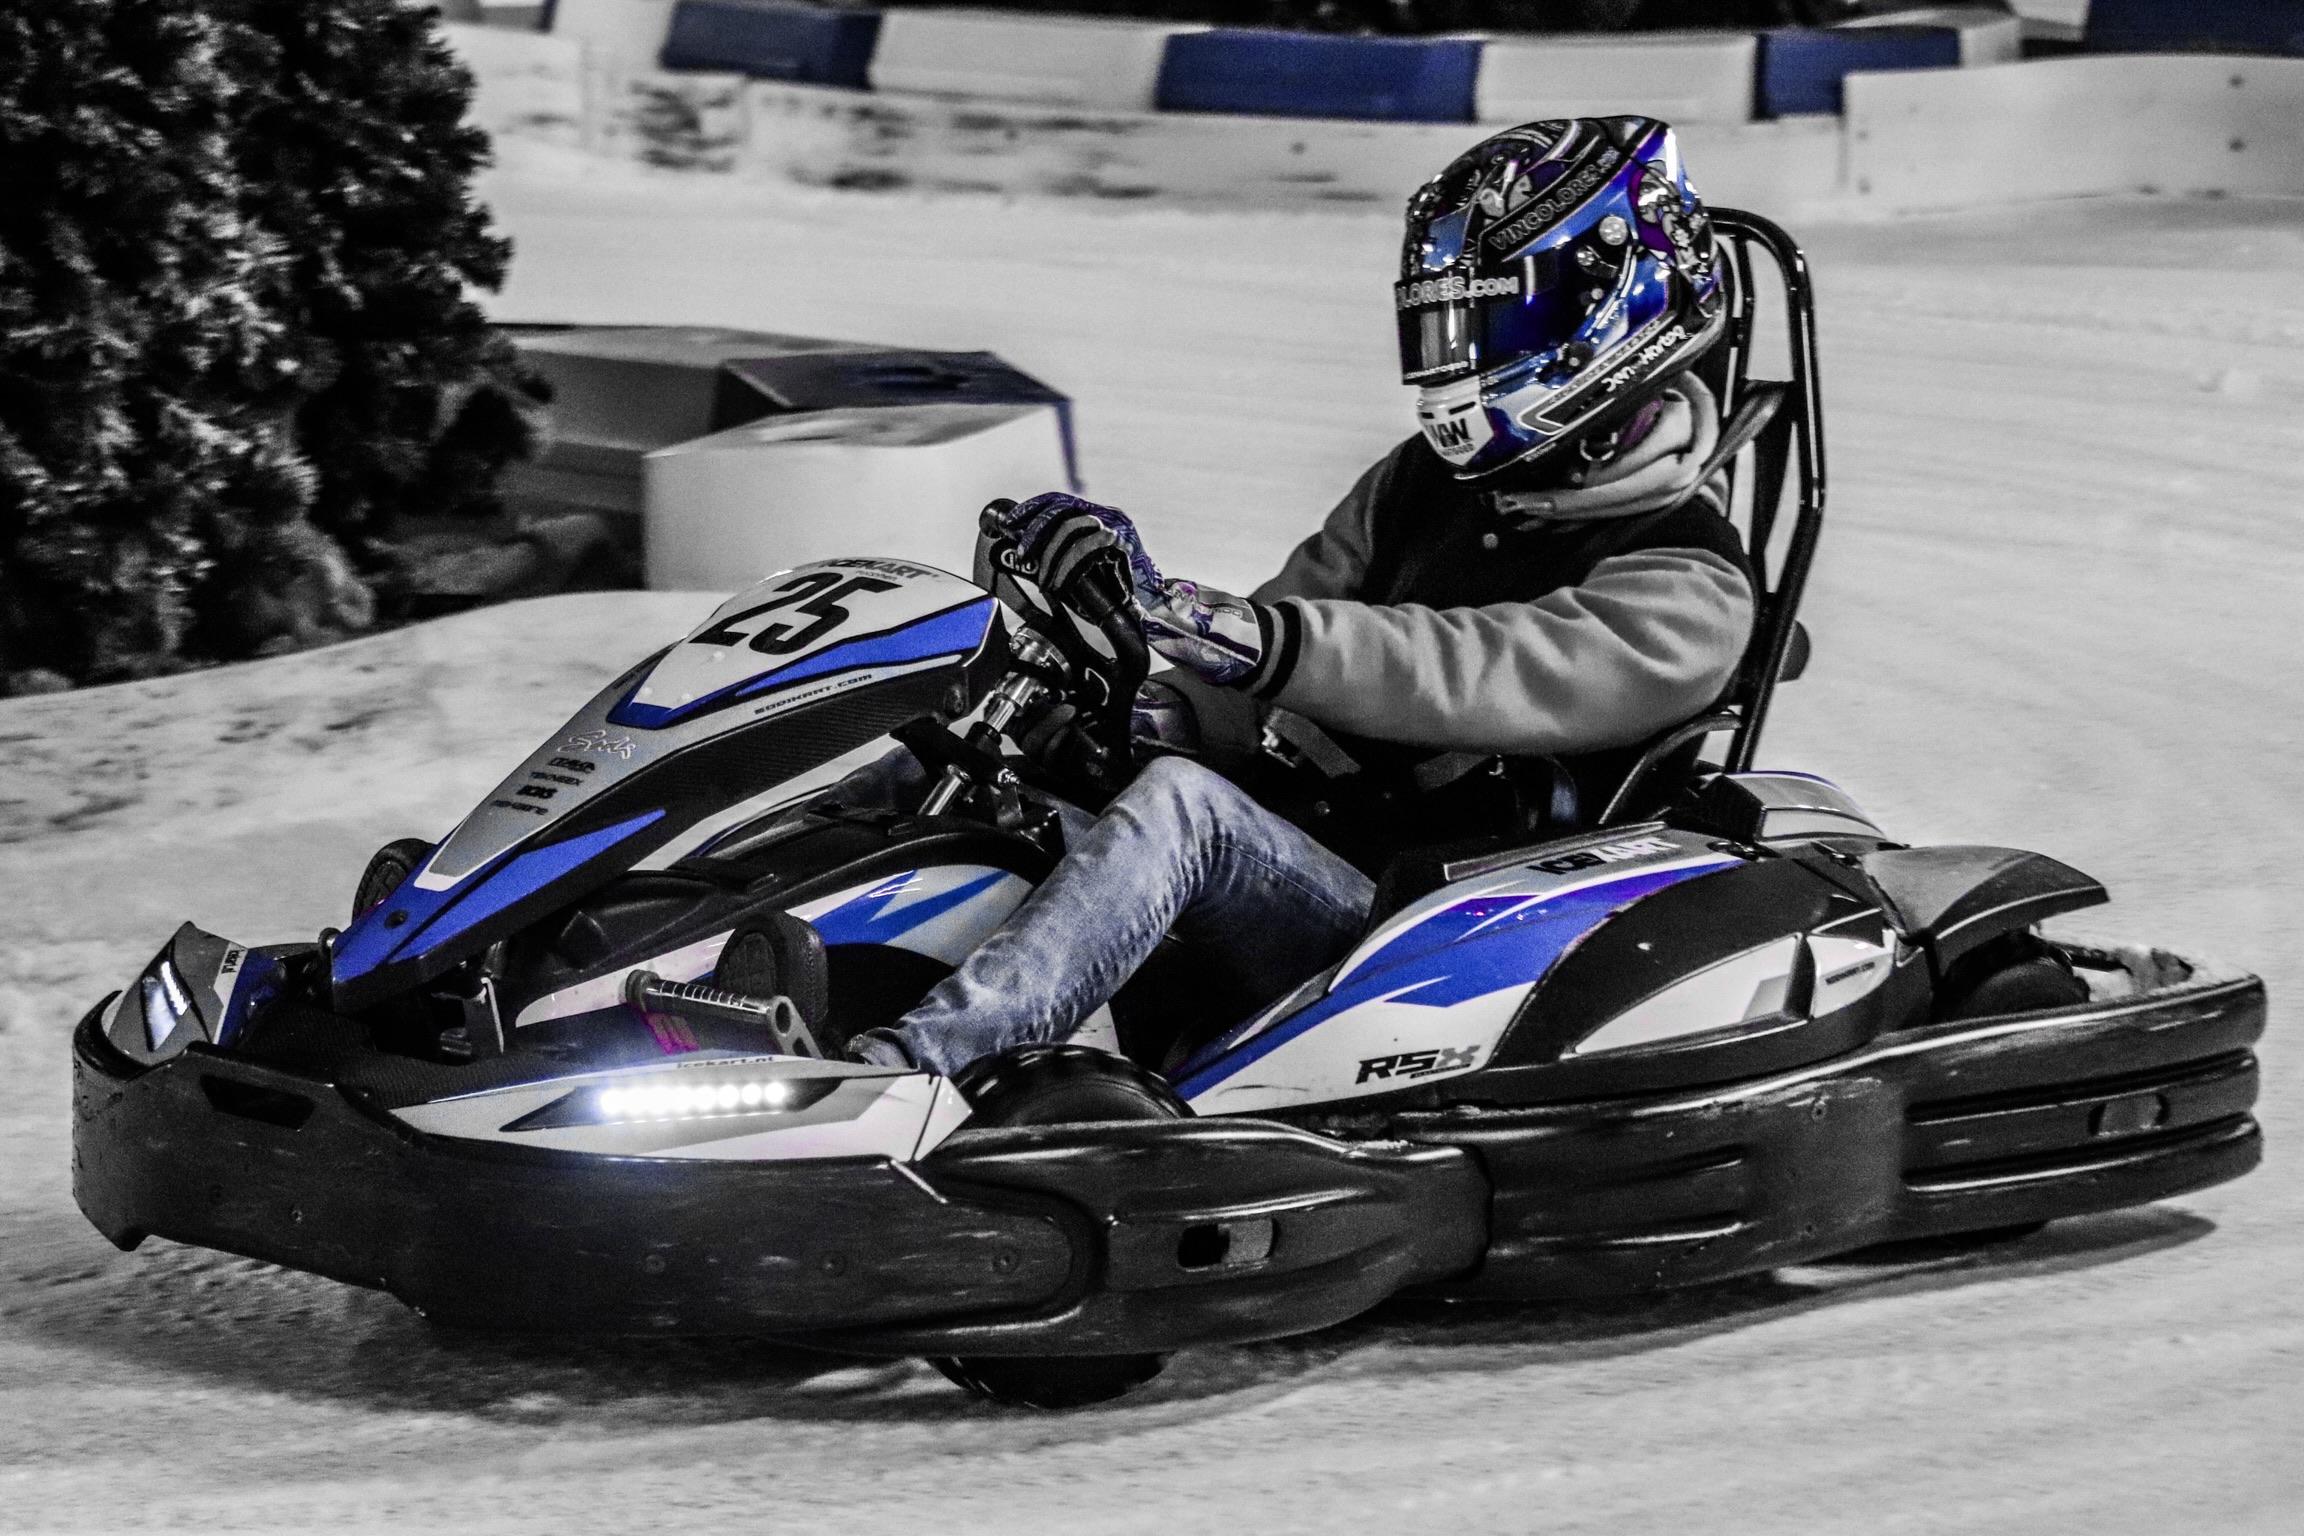 Den Hartog Racing